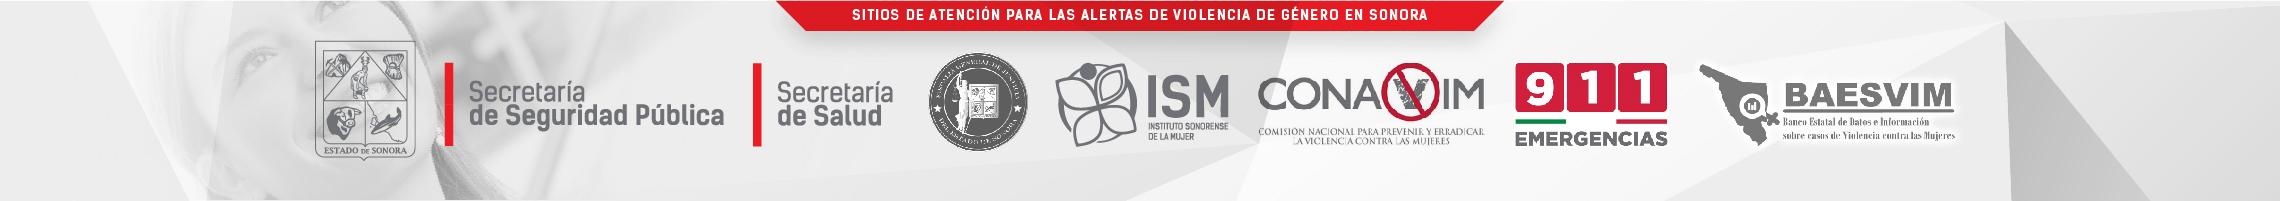 Convenio Gobierno del Estado de Sonora y CONAVIM